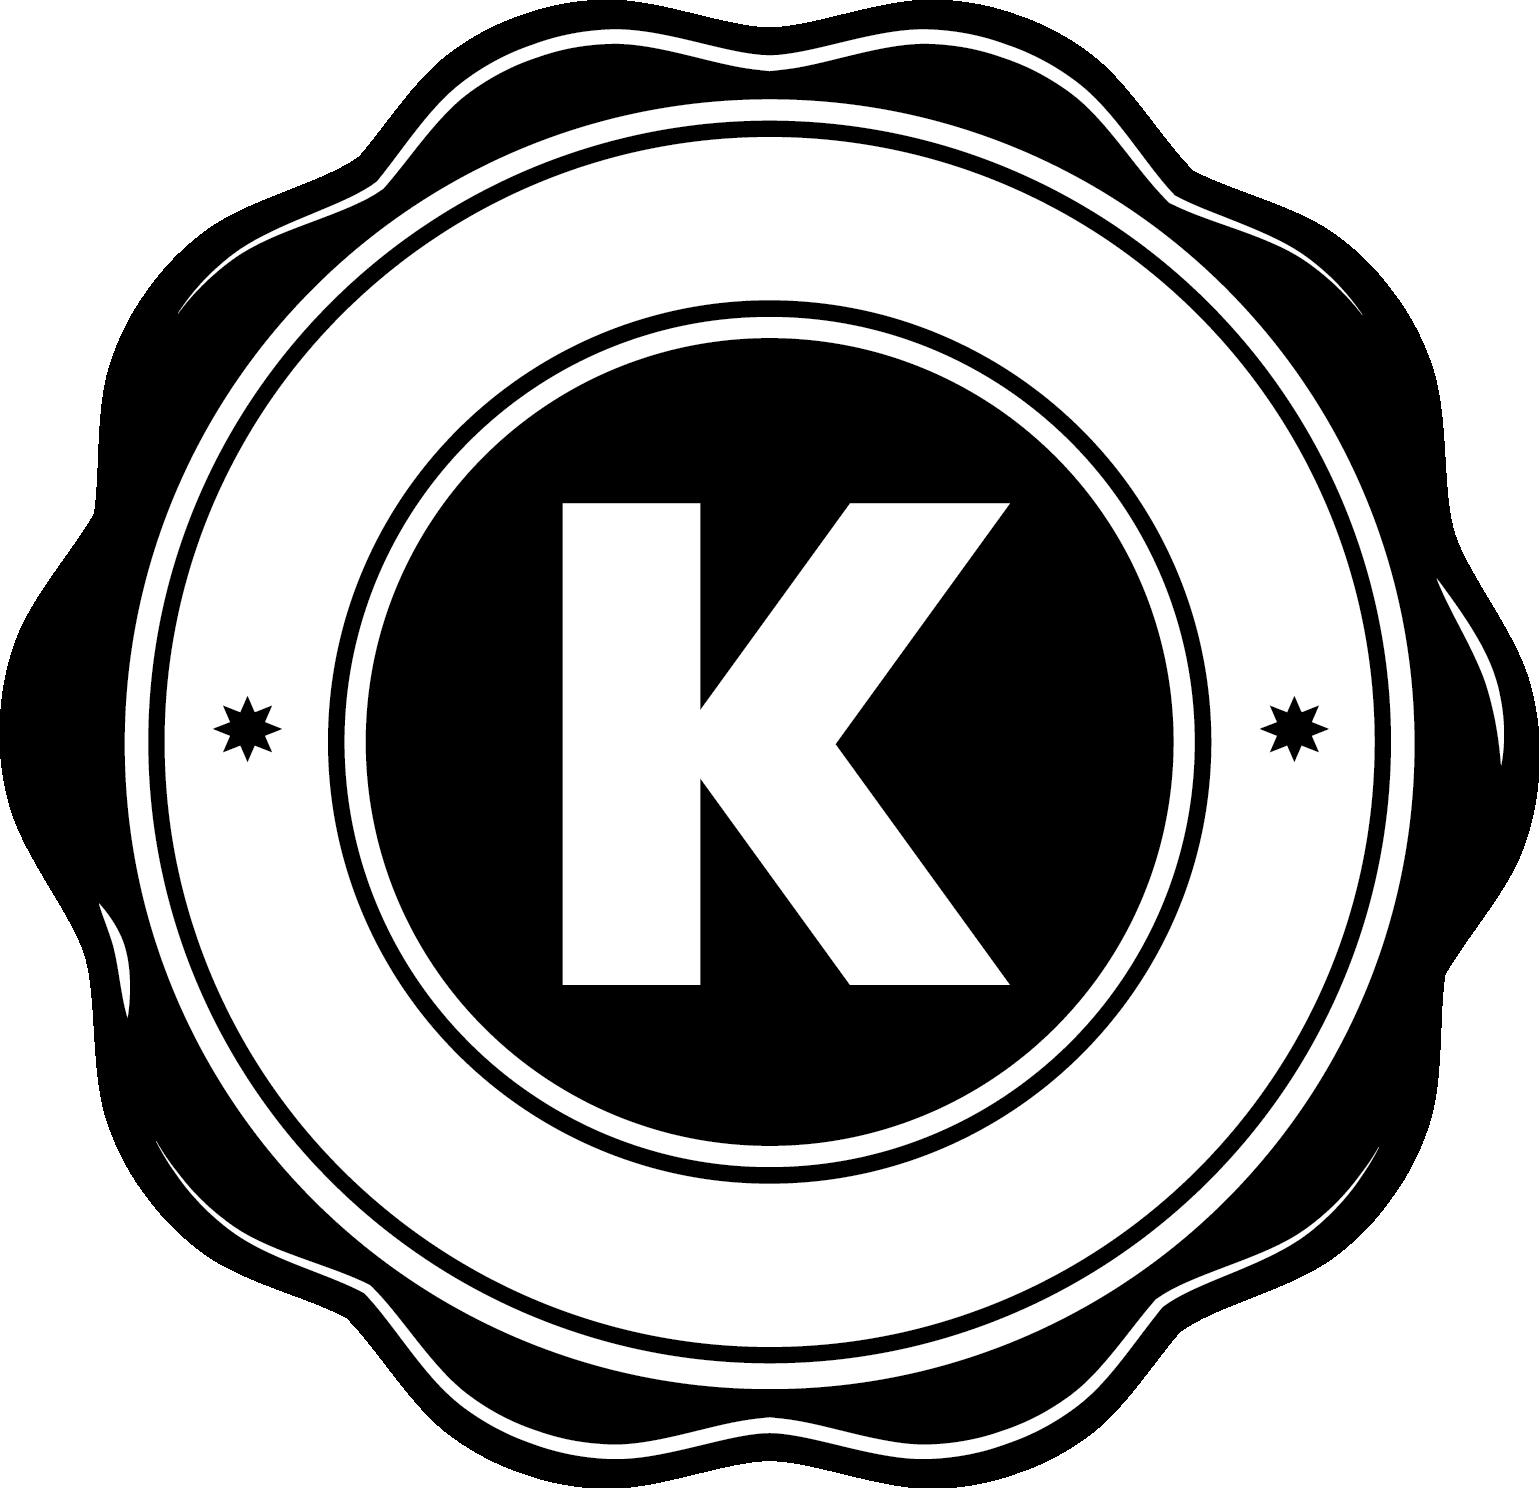 File:Kosher certification logo.png.